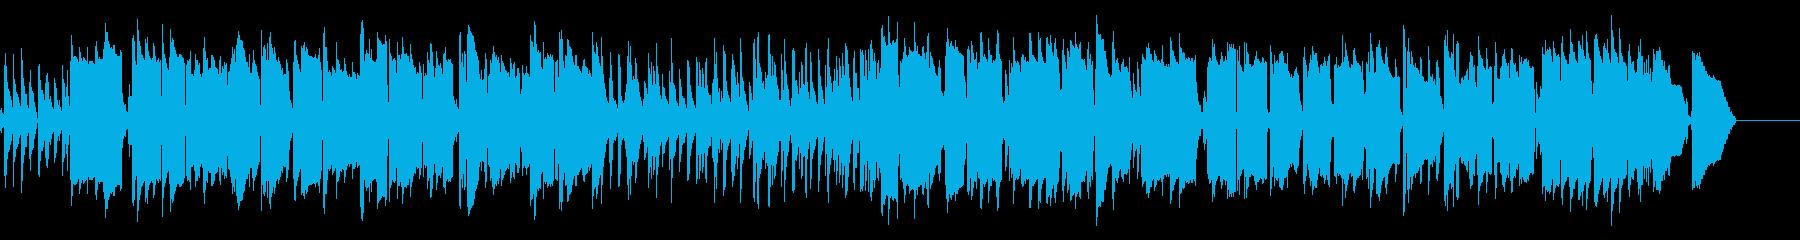 【ムーディーなサックスのジャズBGM】の再生済みの波形